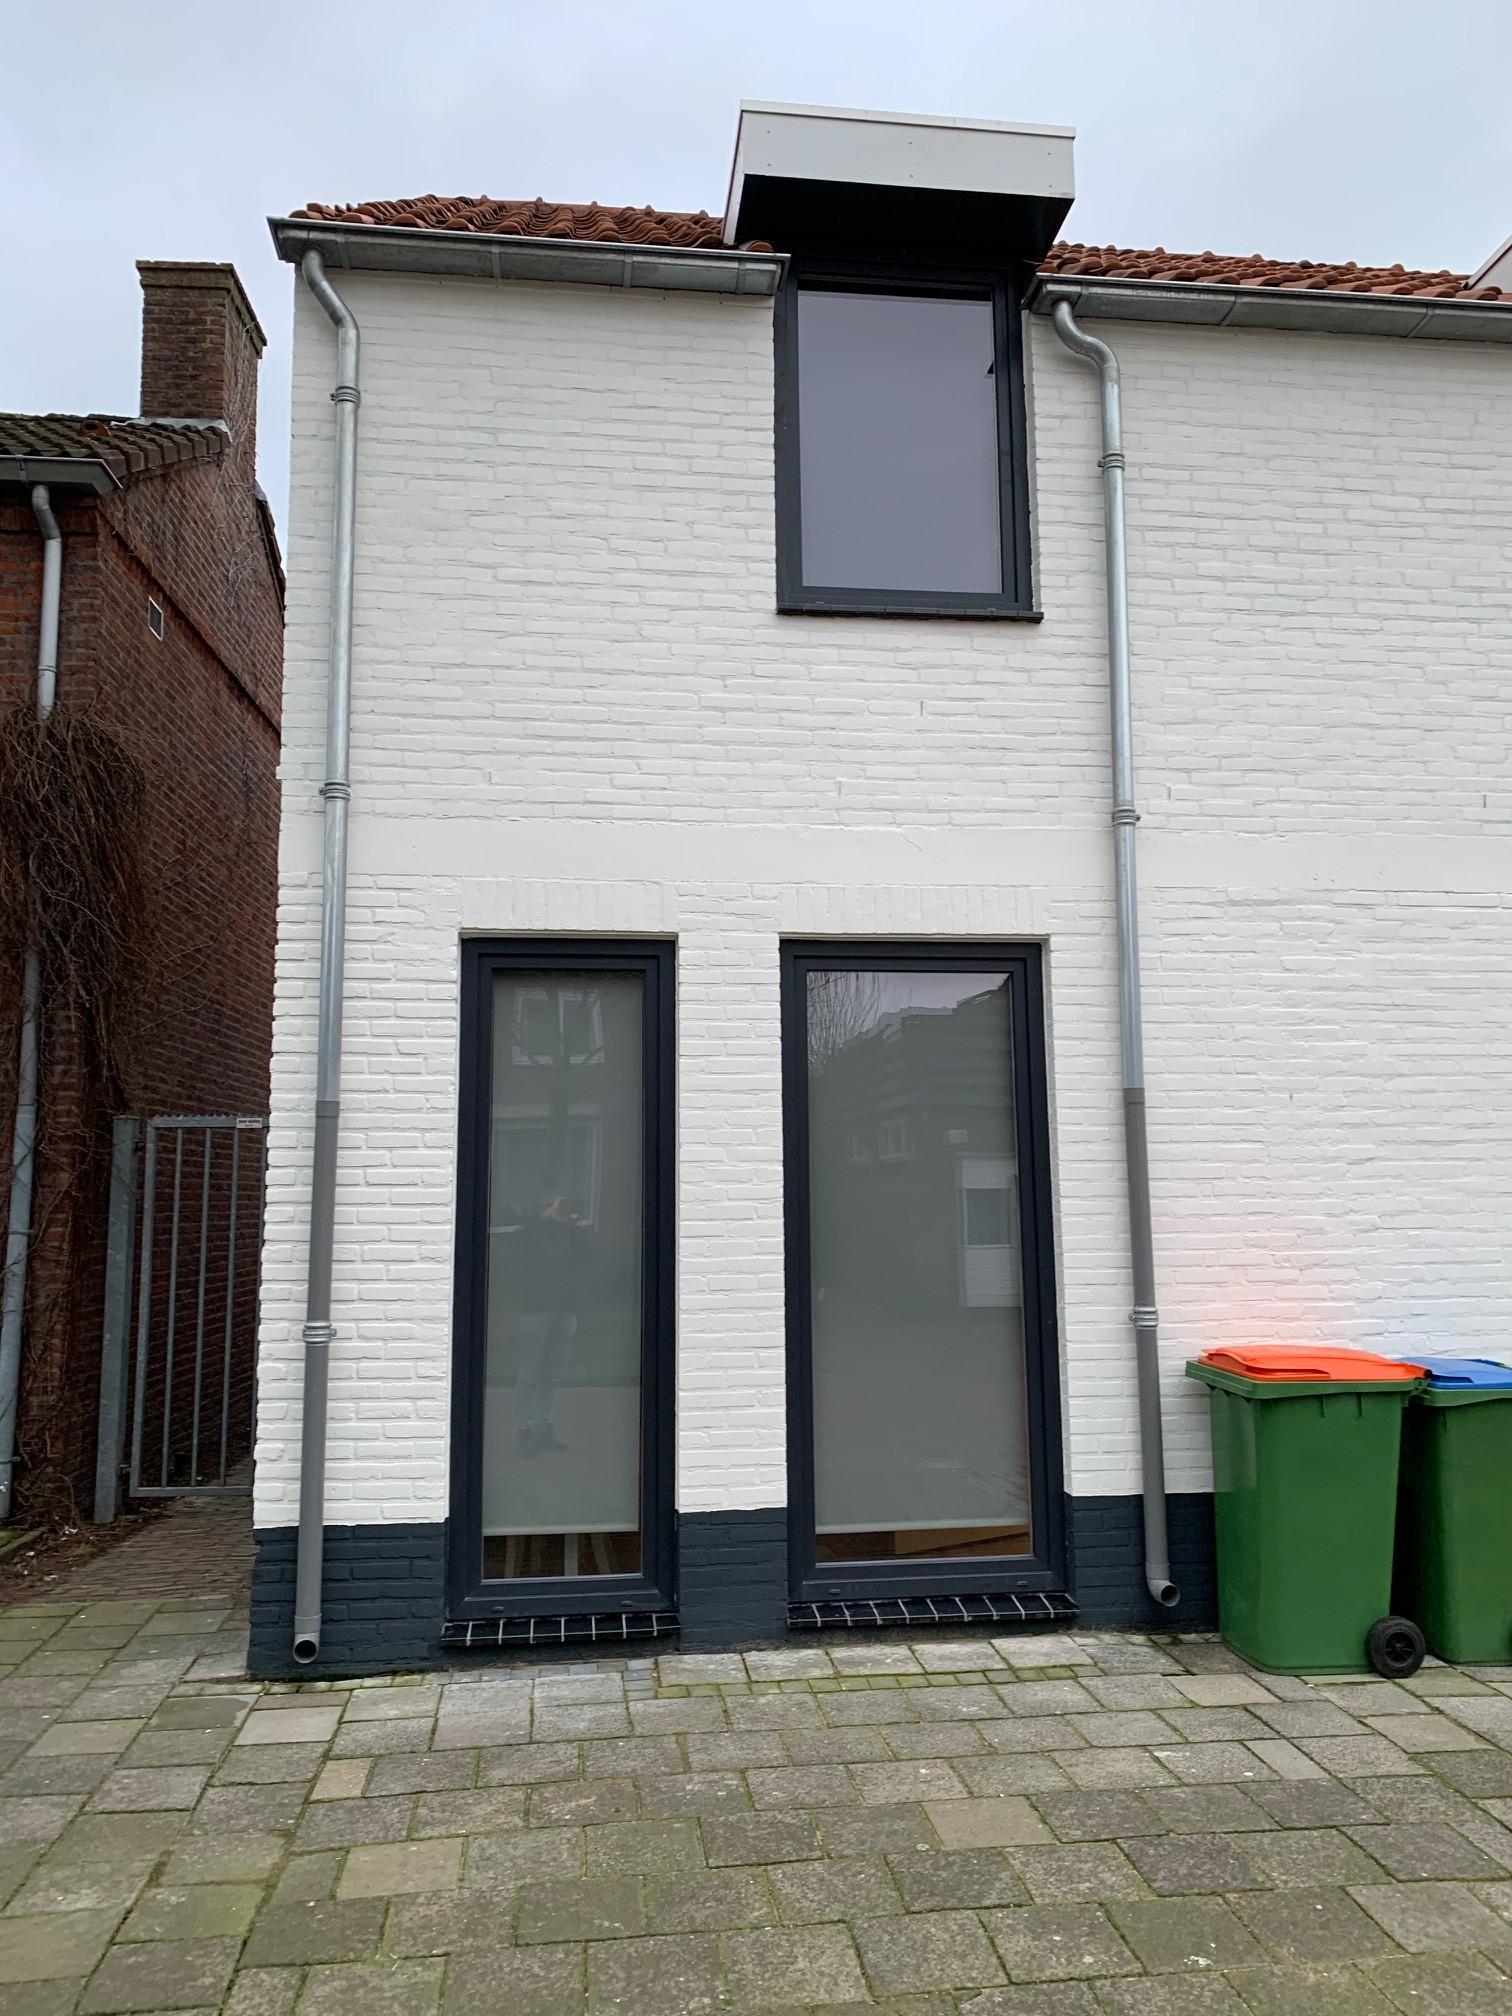 Van Hogendorpstraat, Breda